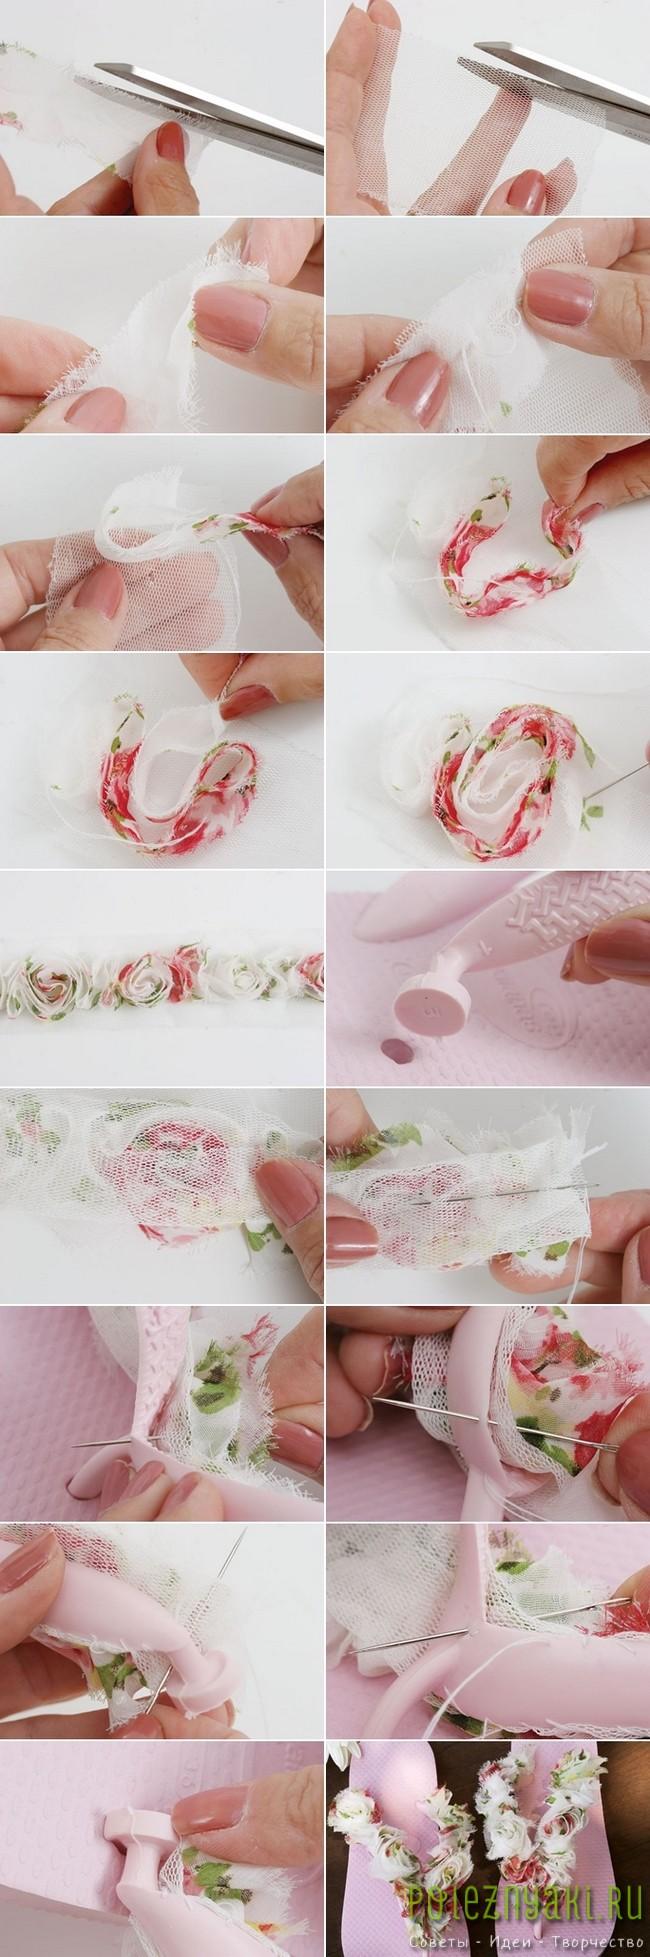 Идея по украшению летних шлепок остатками ткани 2